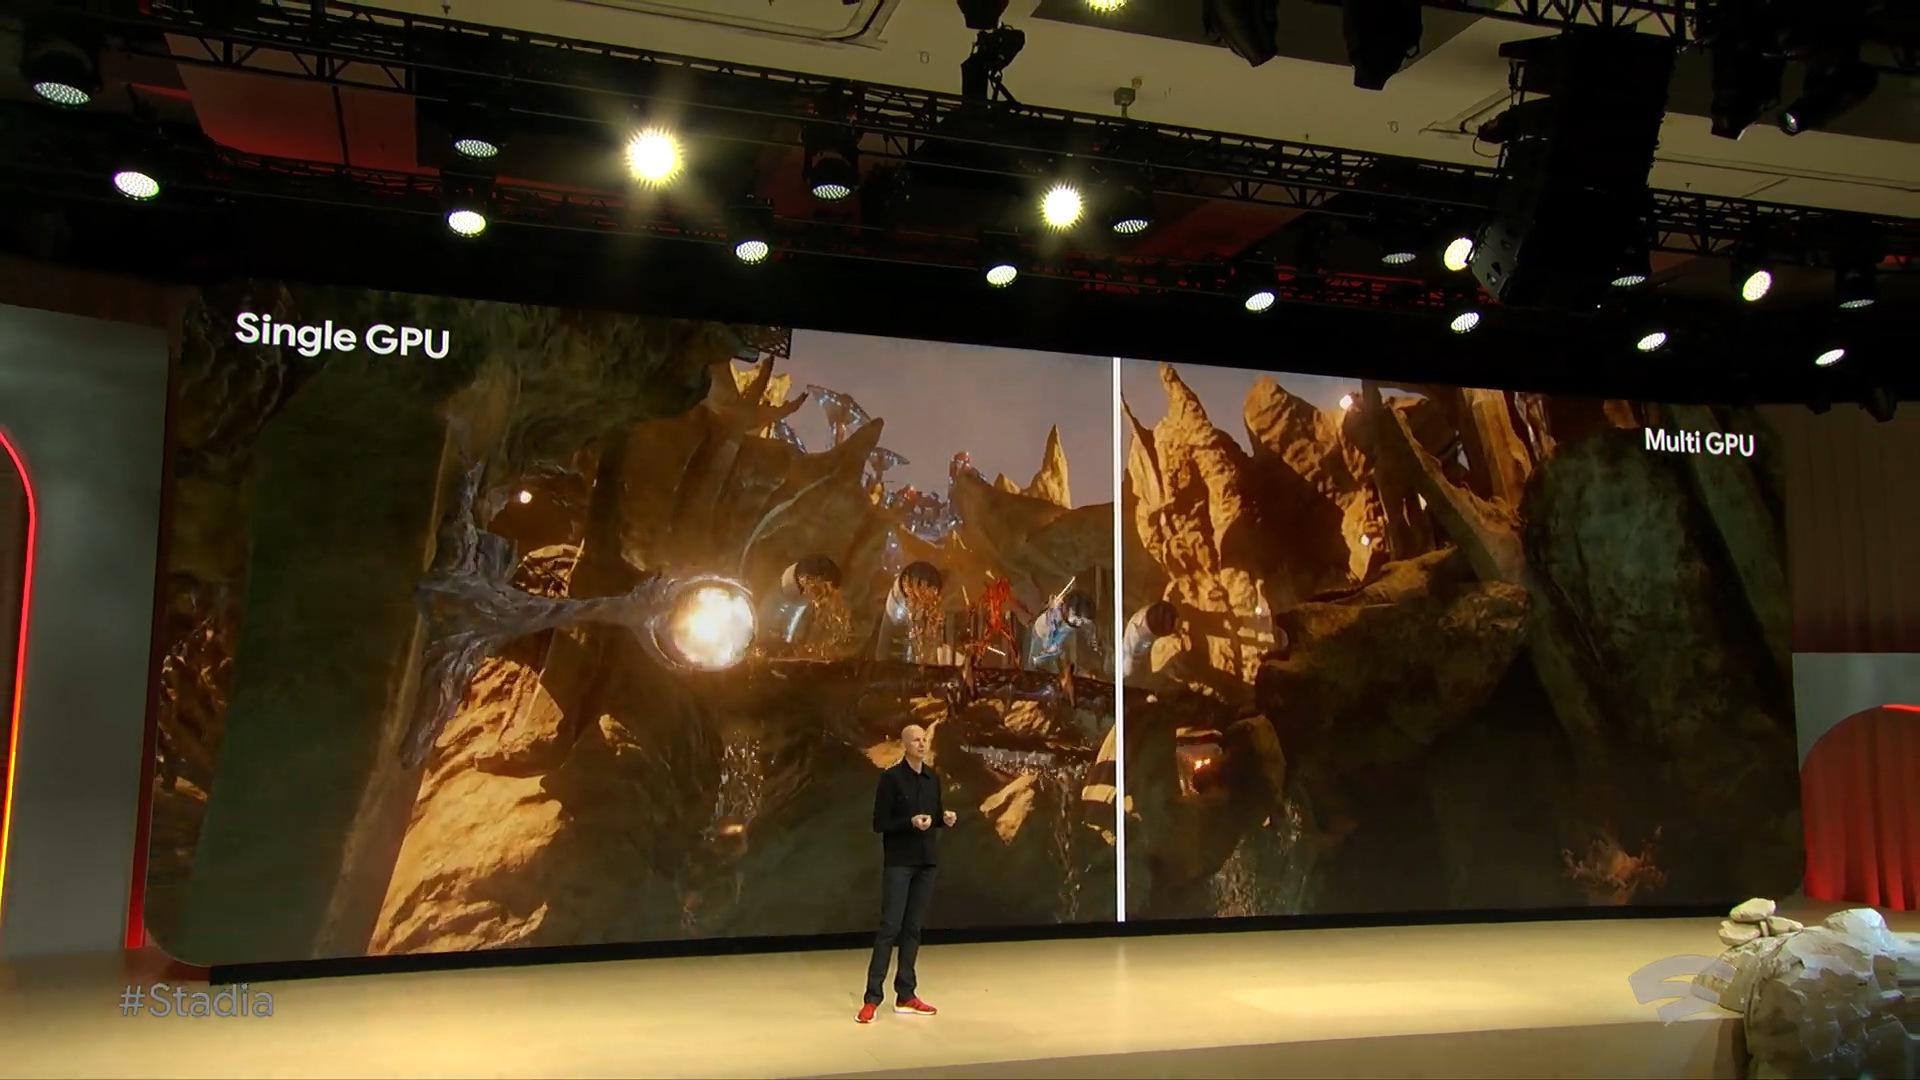 谷歌串流服务Stadia公布 云游戏时代来临